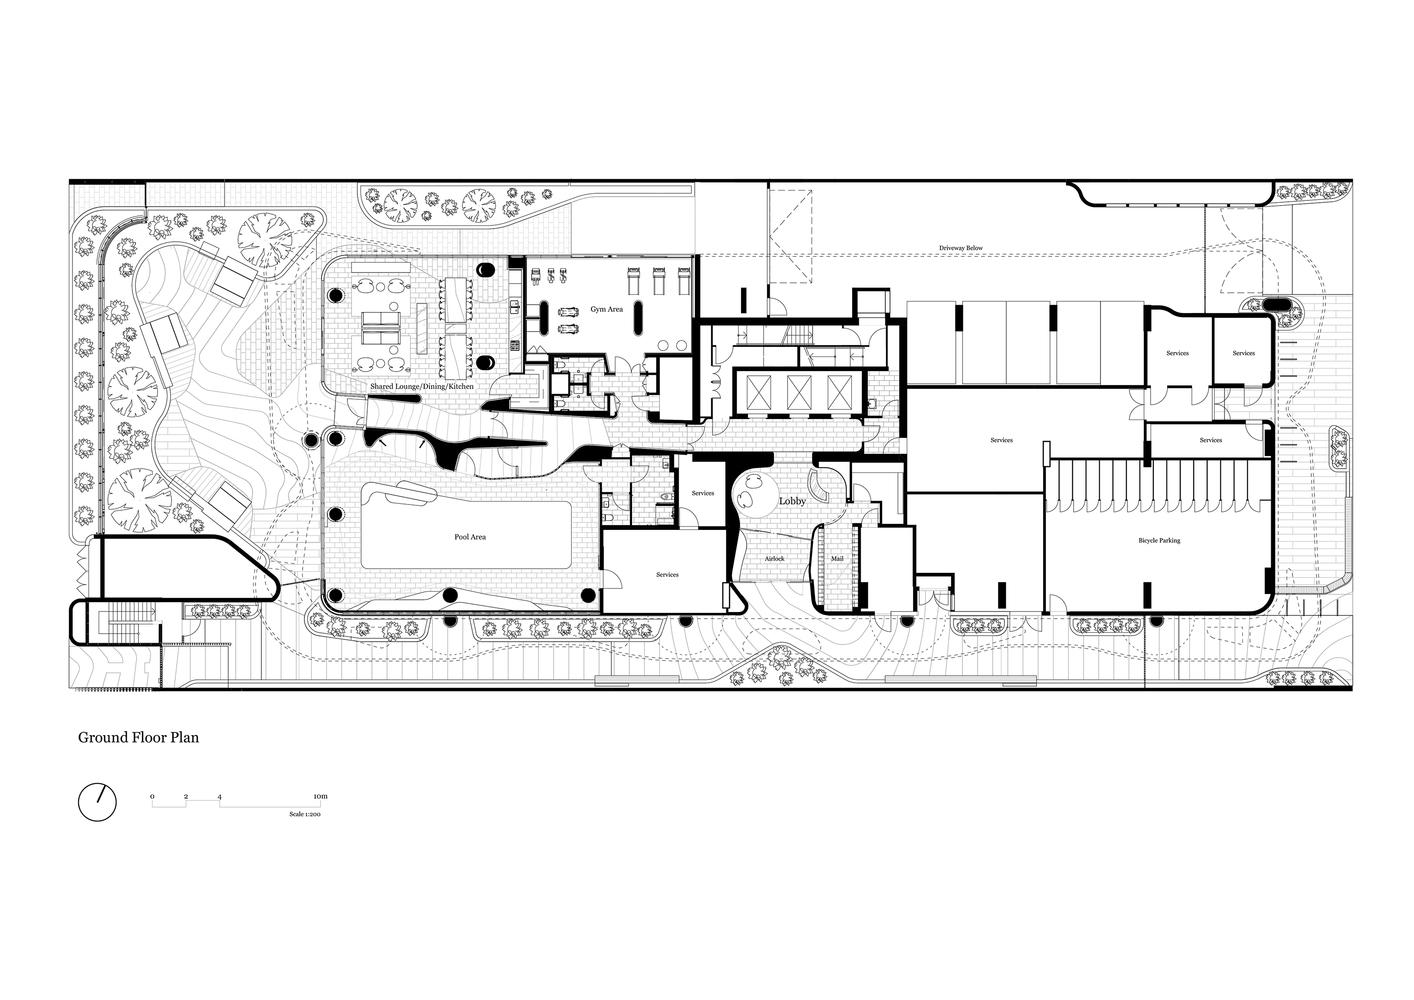 Ground_Floor_Plan_-_Queens_DOmain_-_DKO_Architecture.jpg